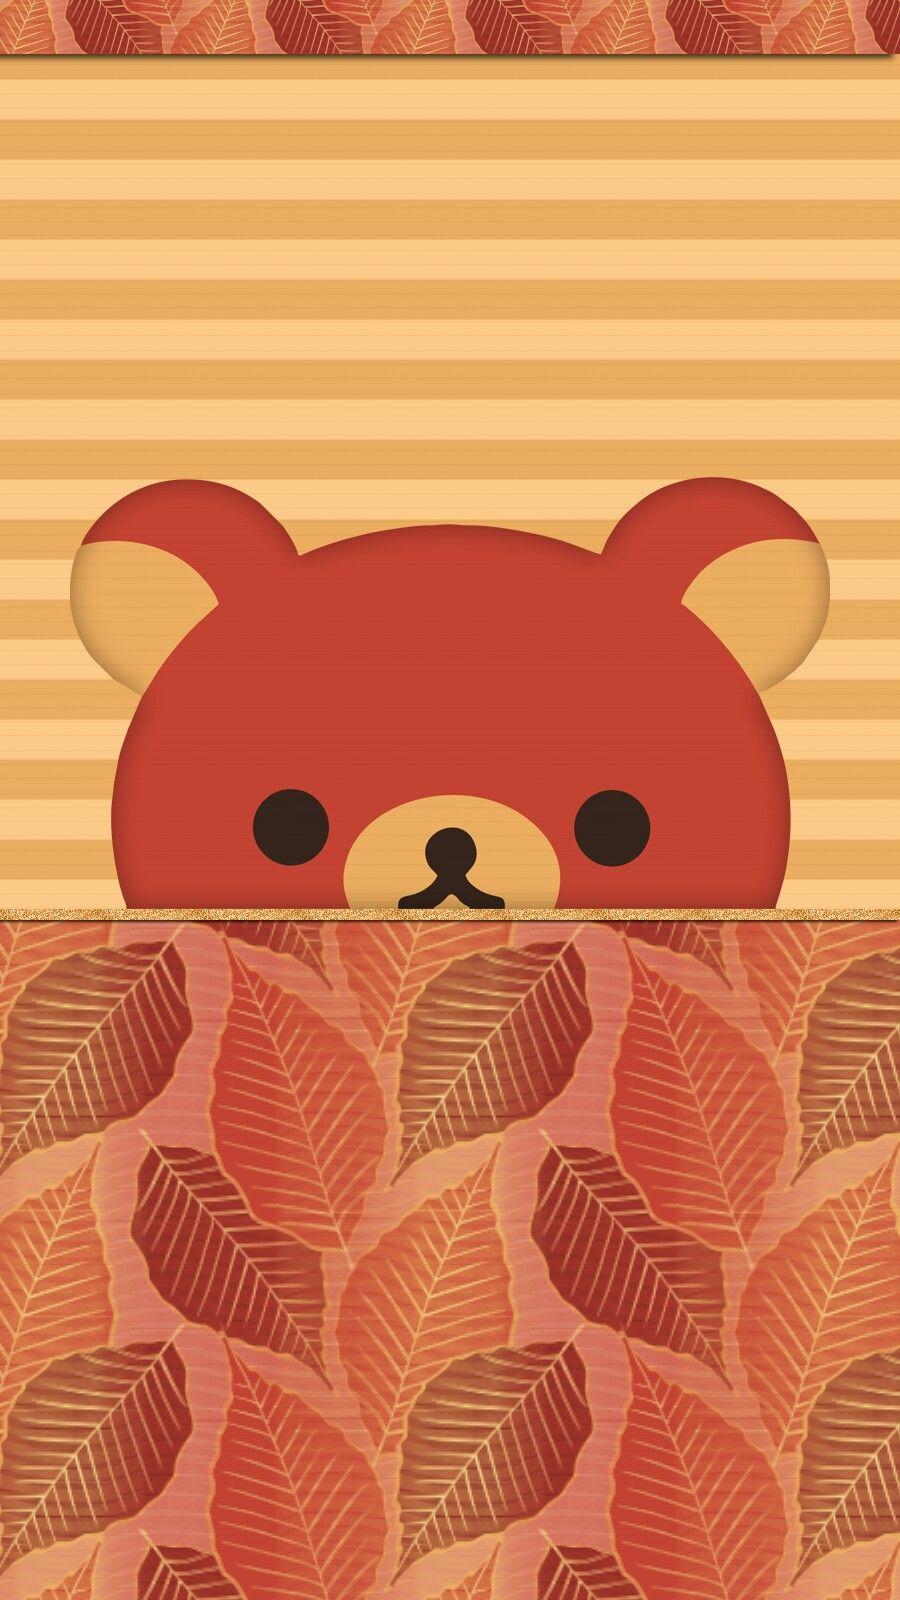 Autumn Rilakkuma Wallpaper Iphone Freebie Cartoon Wallpaper Iphone Ipod Wallpaper Cute Wallpapers